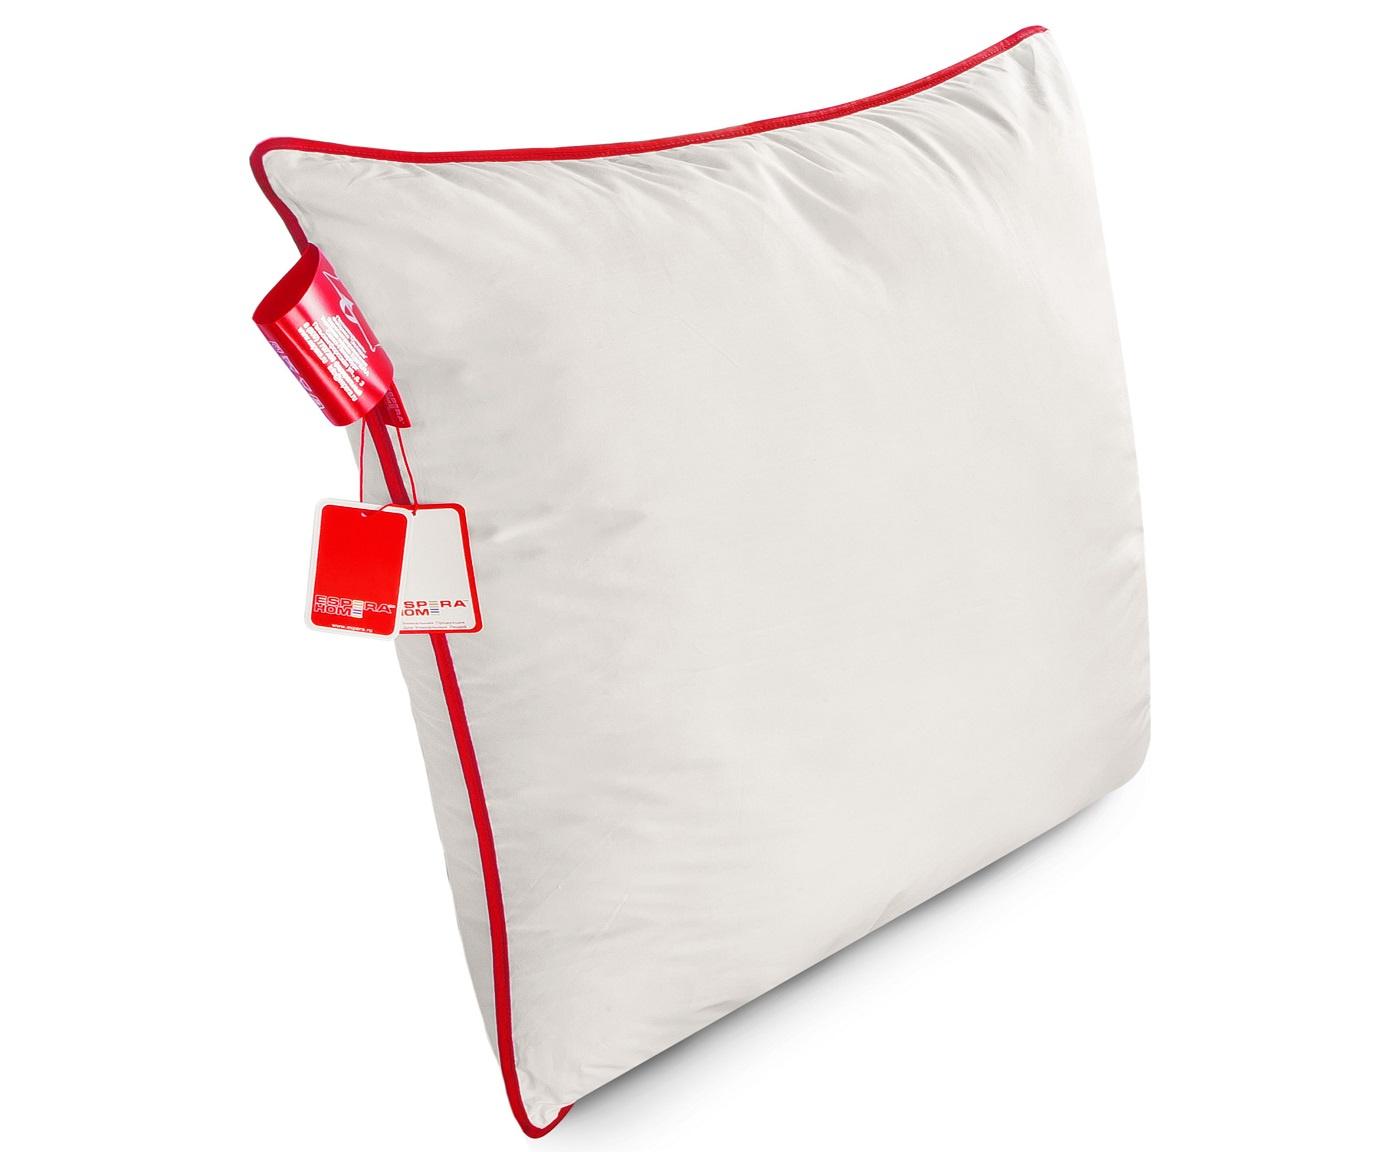 Подушка ESPERA Comfort ЕС-56, белый, 70х70 см